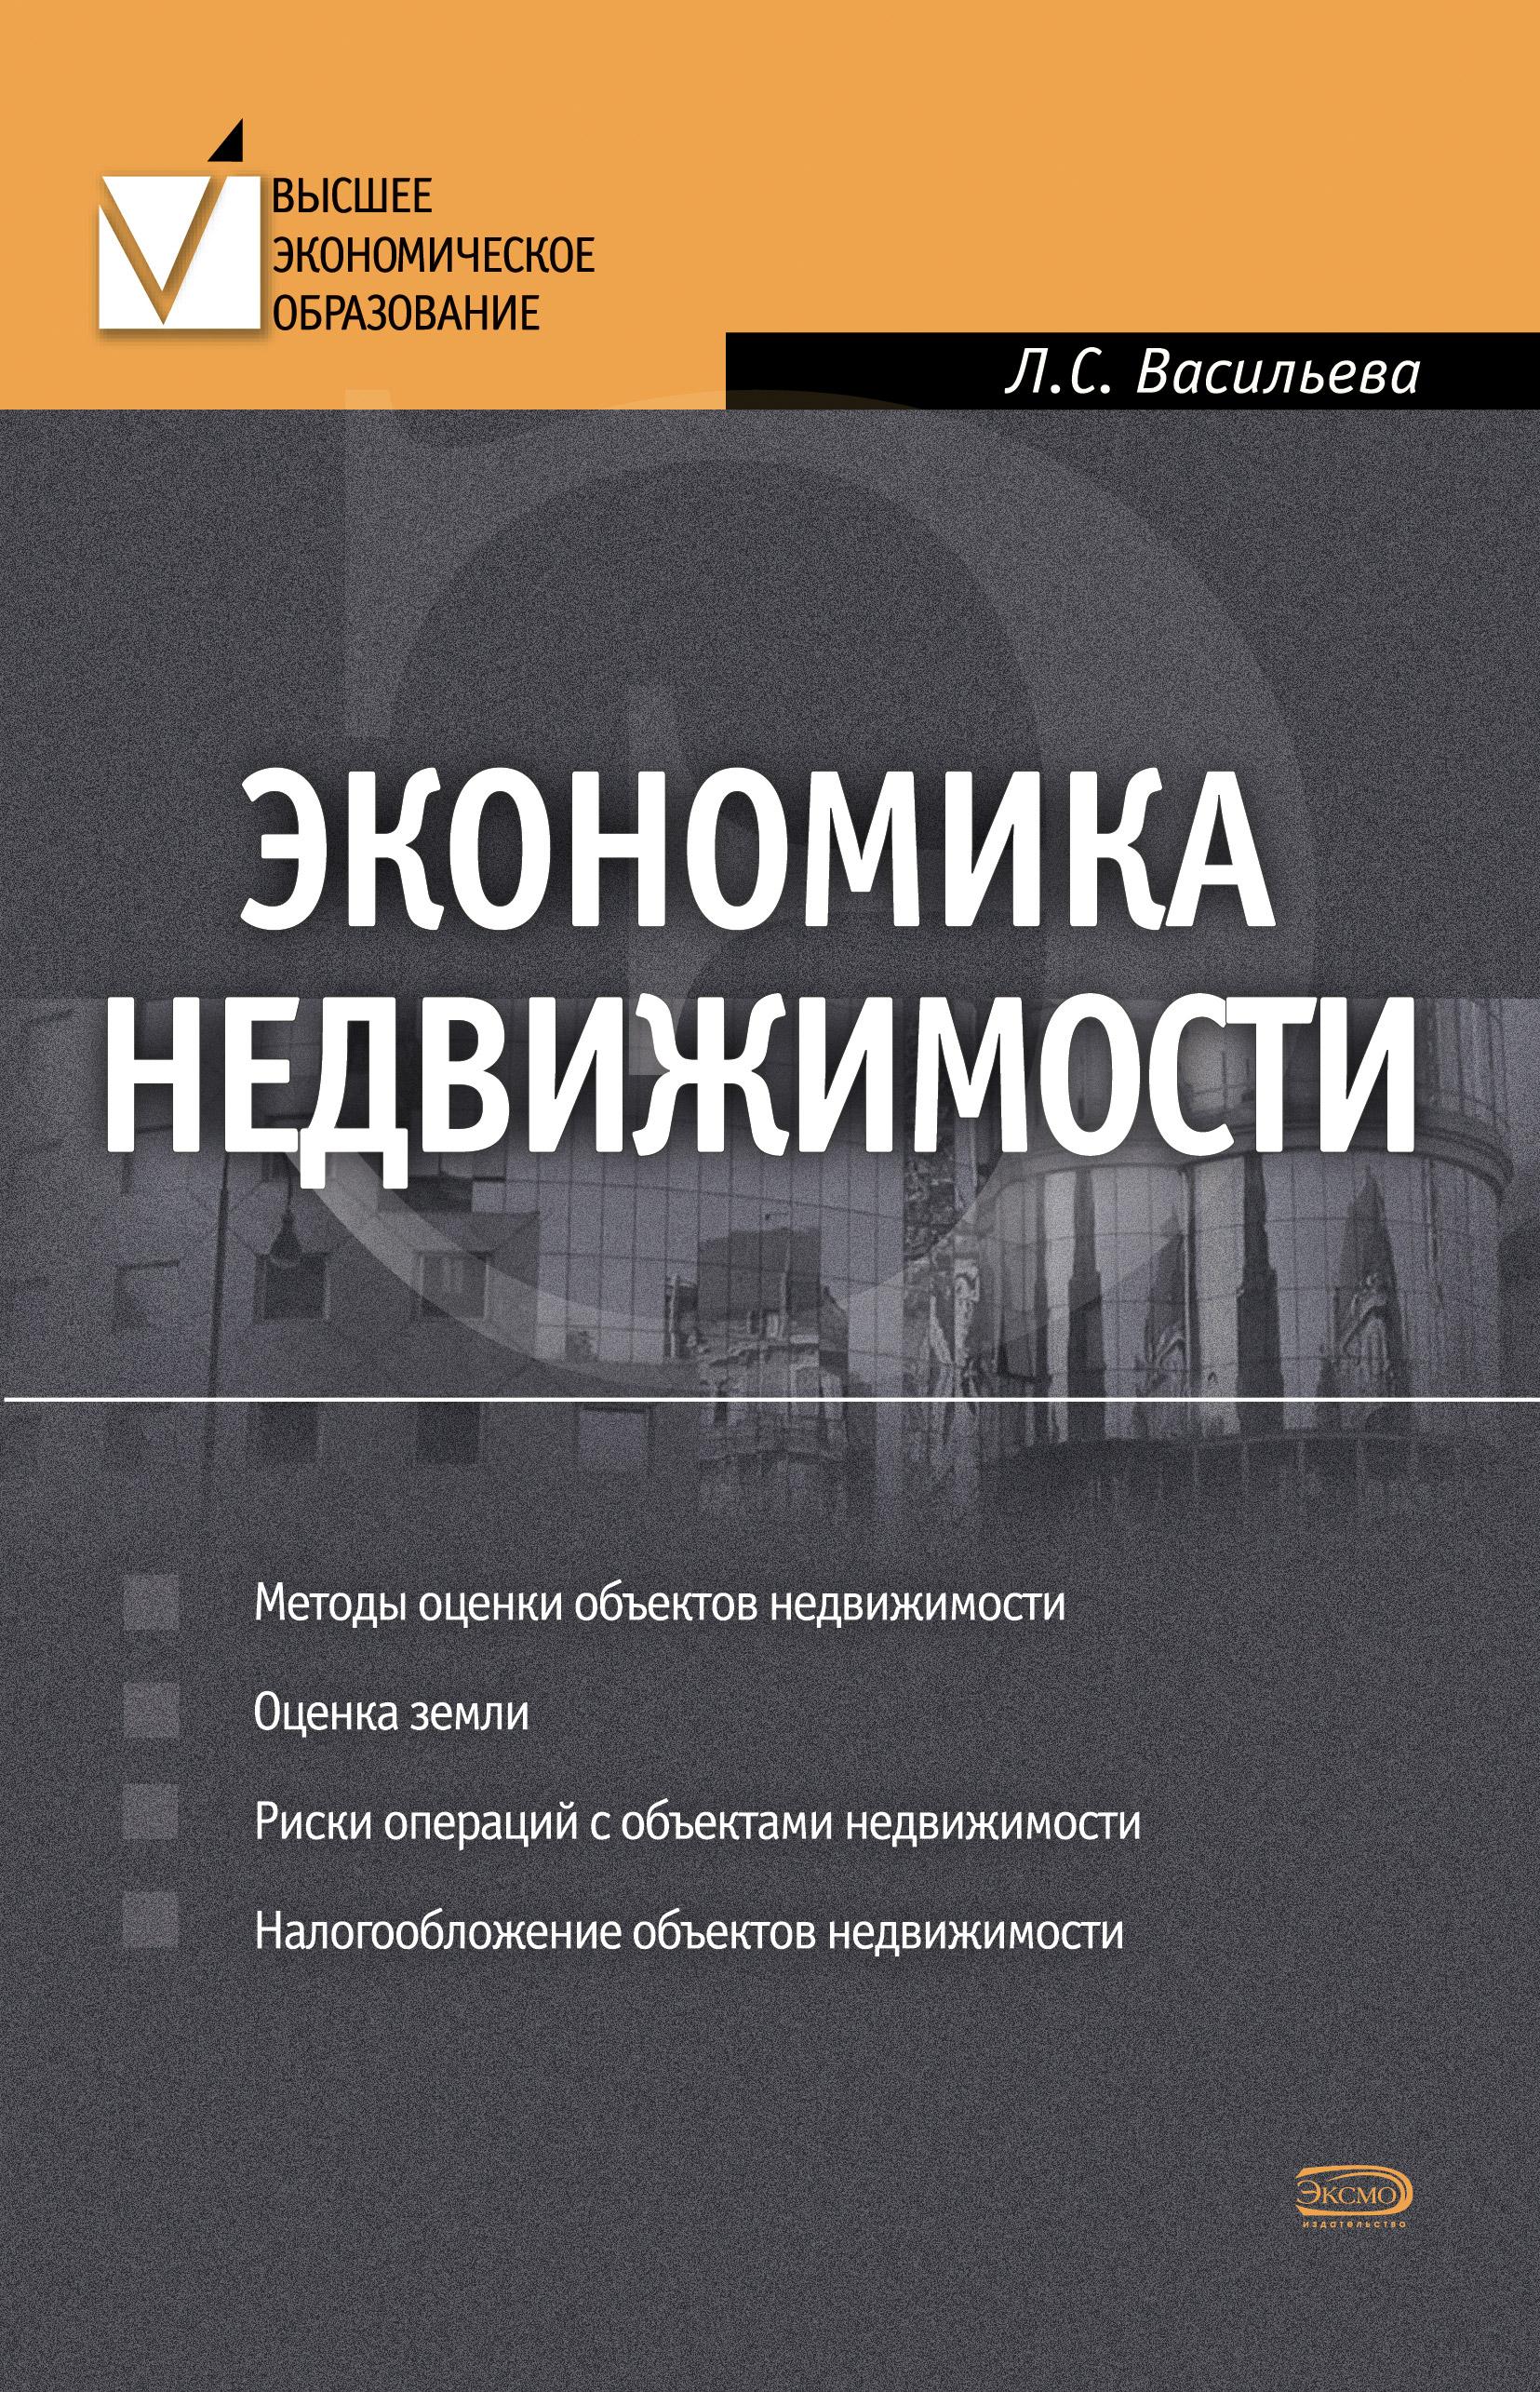 Л. С. Васильева Экономика недвижимости в и сидоров физико химические основы оценки состояния объектов недвижимости